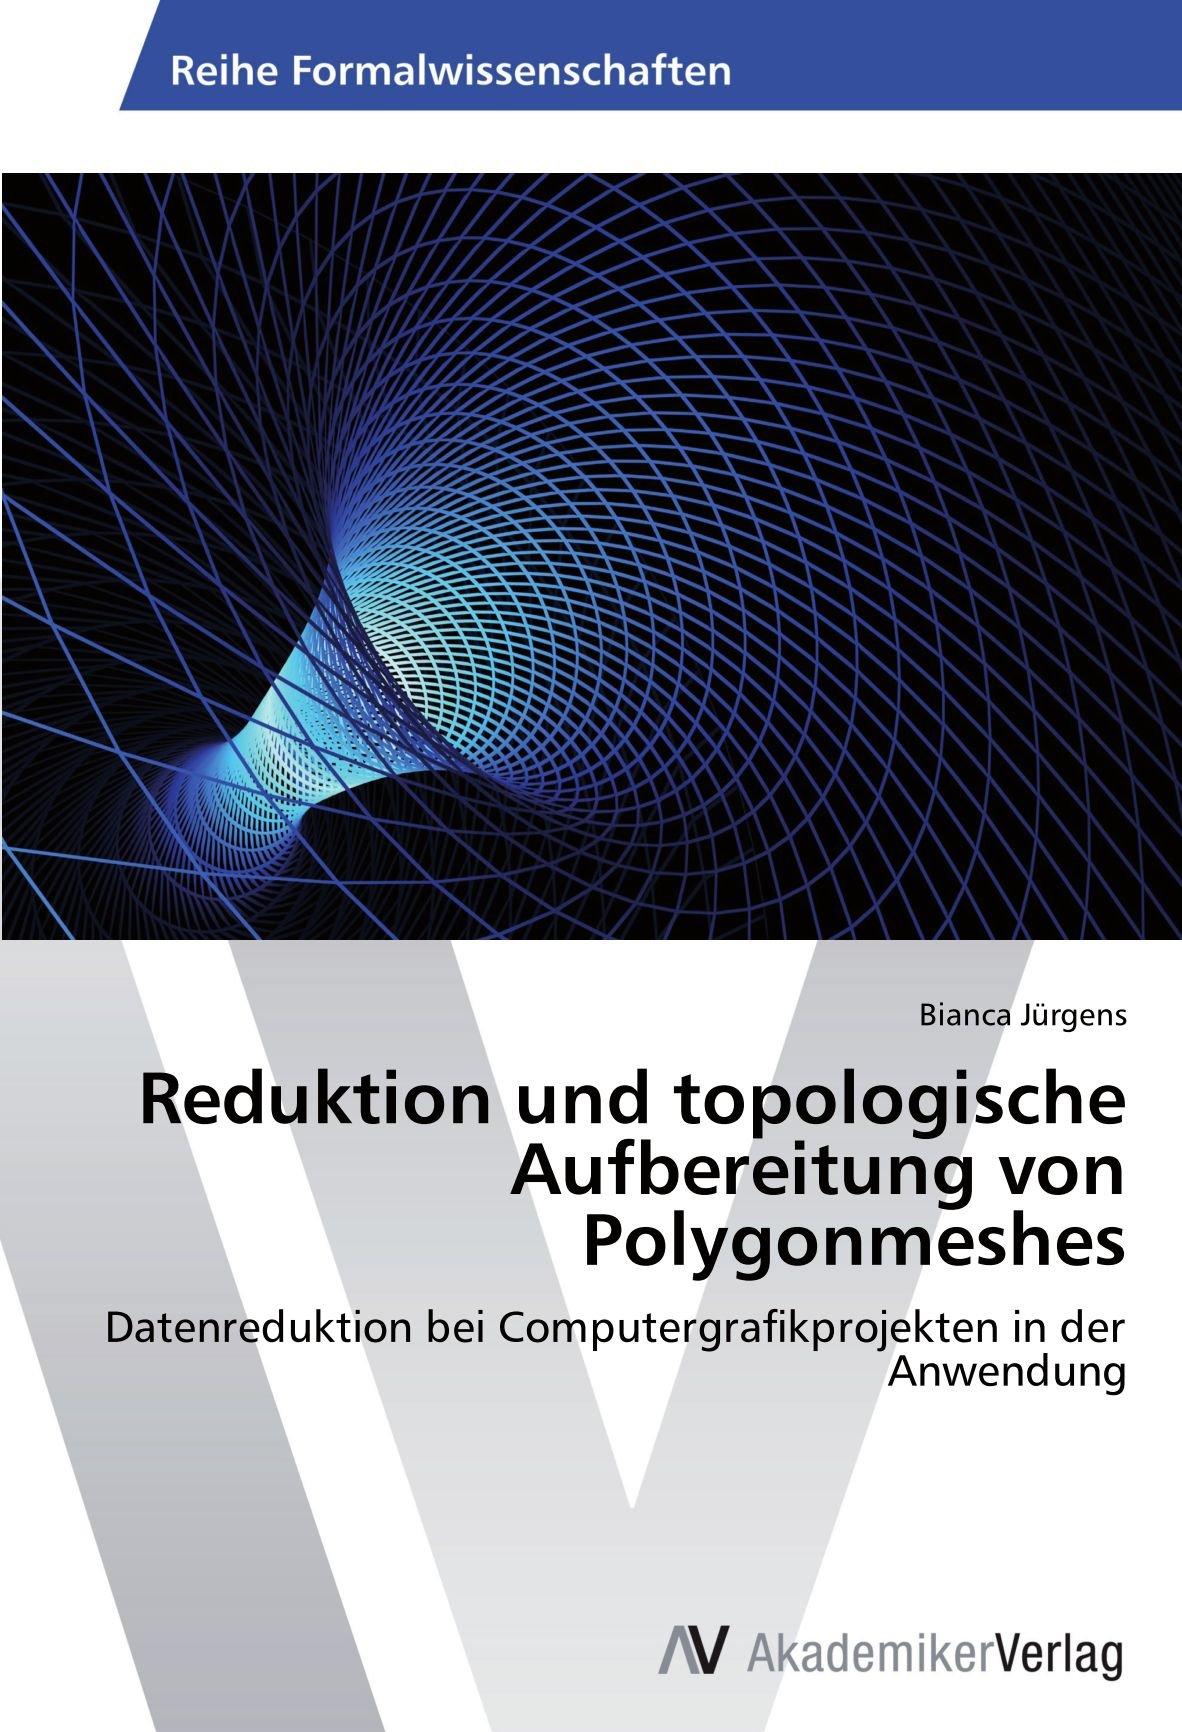 Reduktion und topologische Aufbereitung von Polygonmeshes: Datenreduktion bei Computergrafikprojekten in der Anwendung (German Edition) pdf